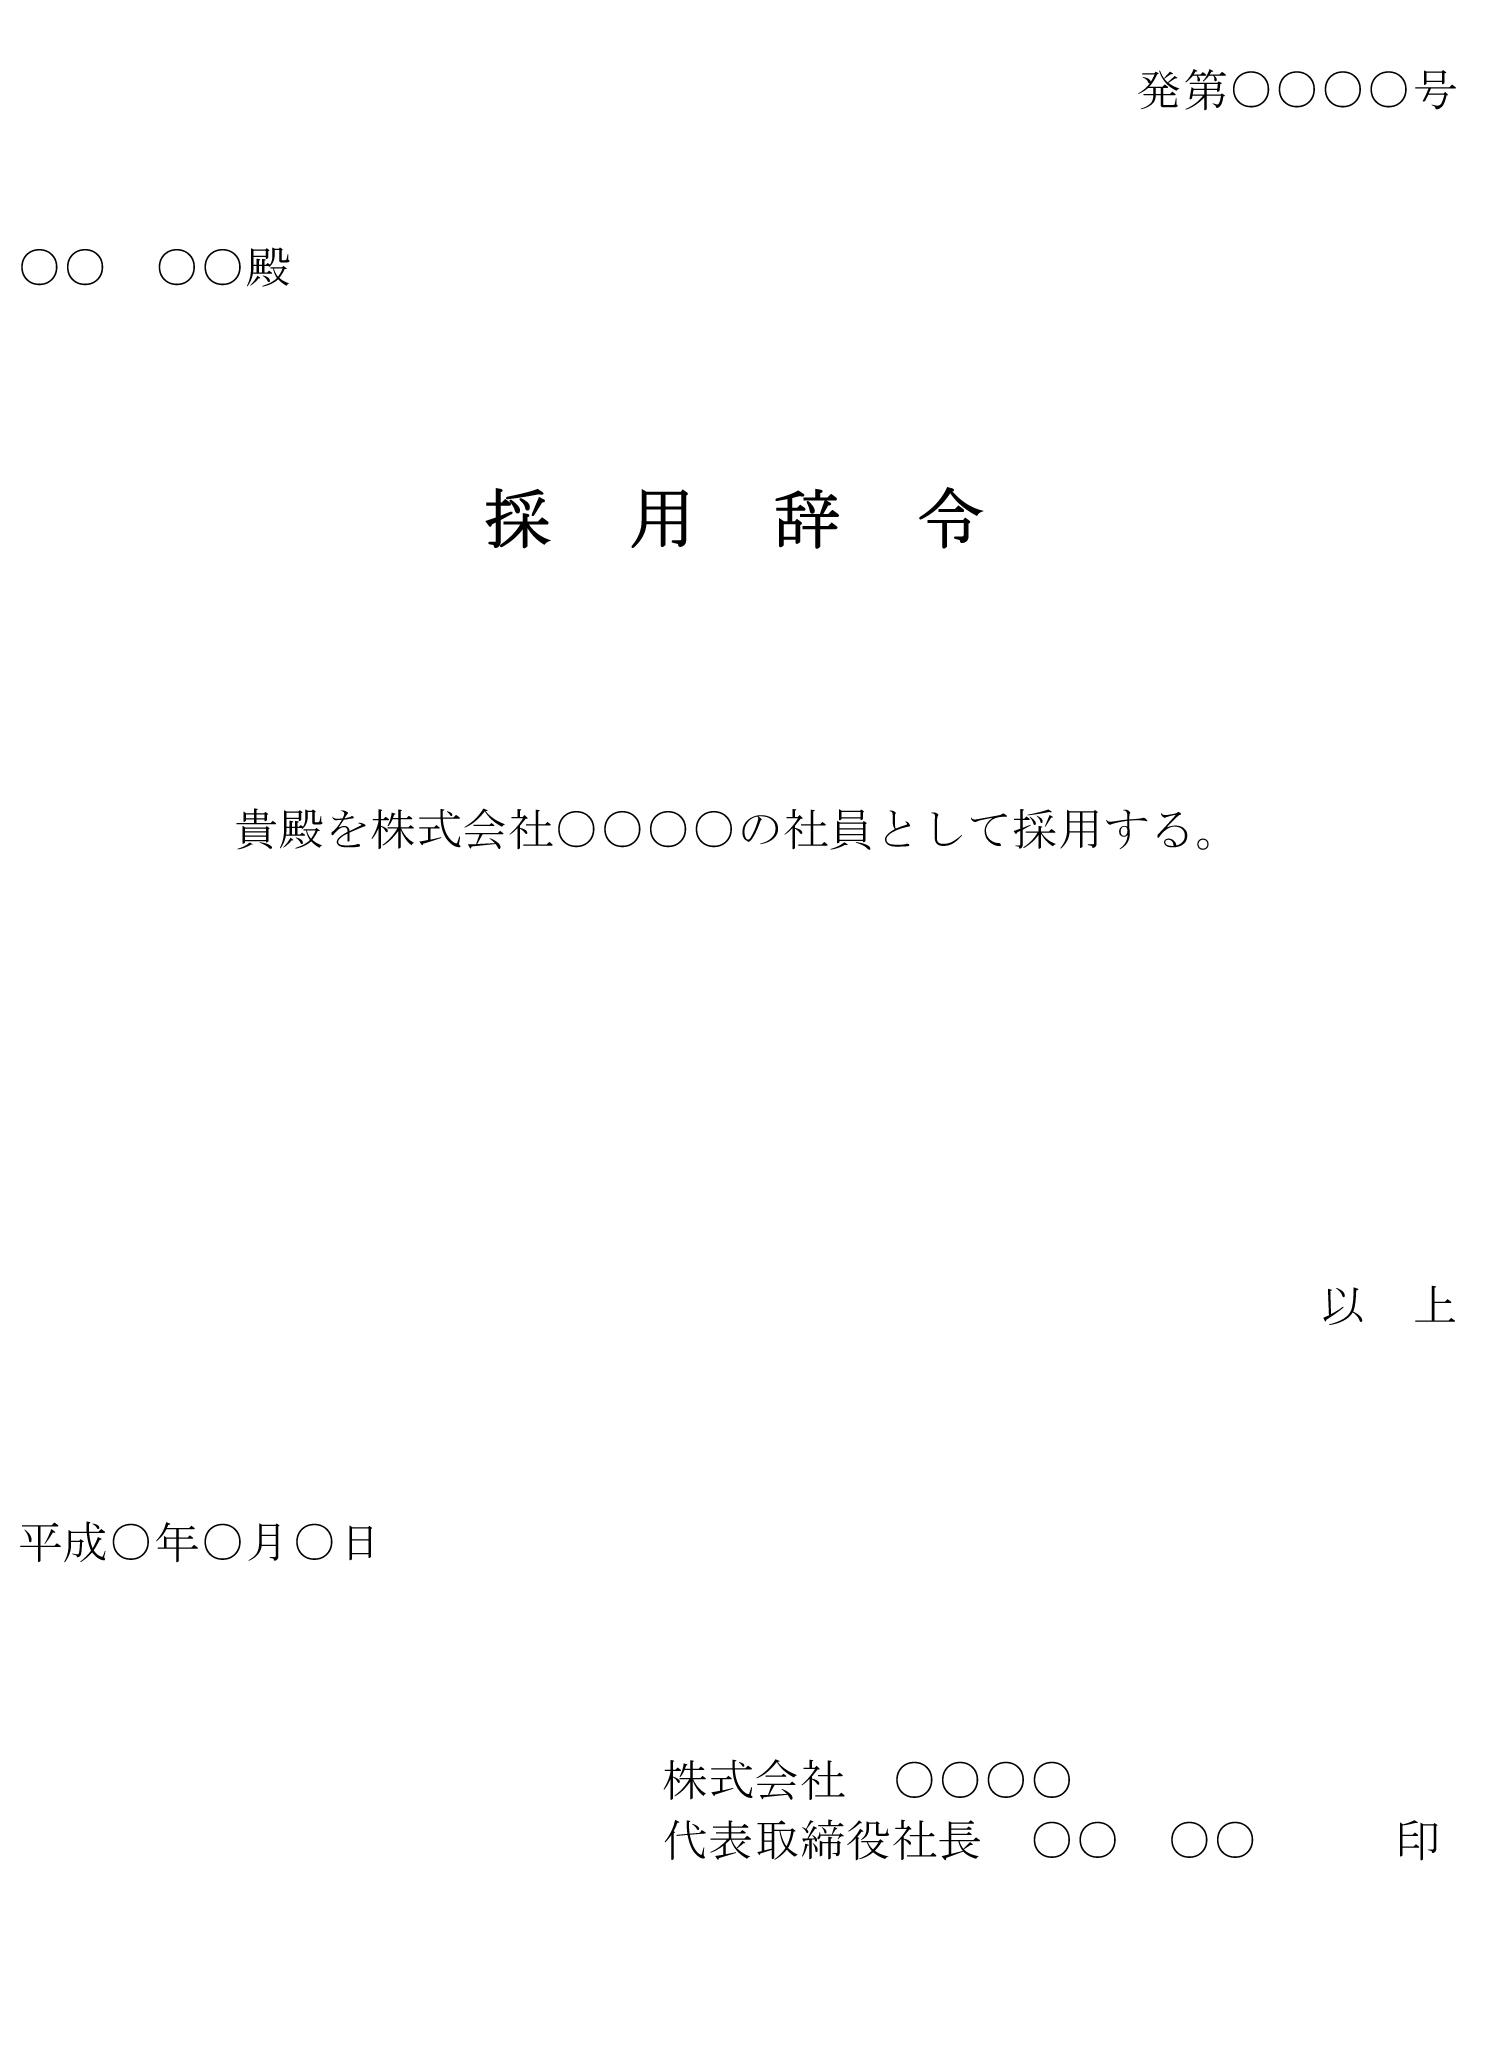 採用辞令02